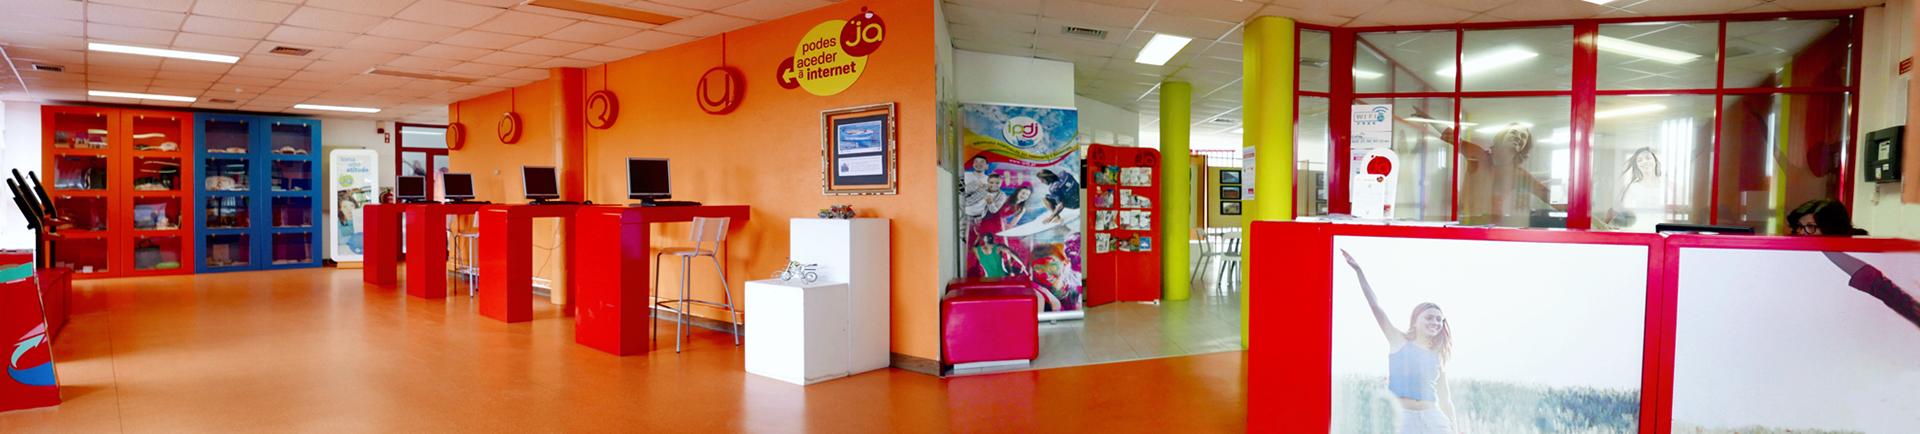 Fotografia do espaço interior/loja Ponto Ja da Direção Regional do Alentejo